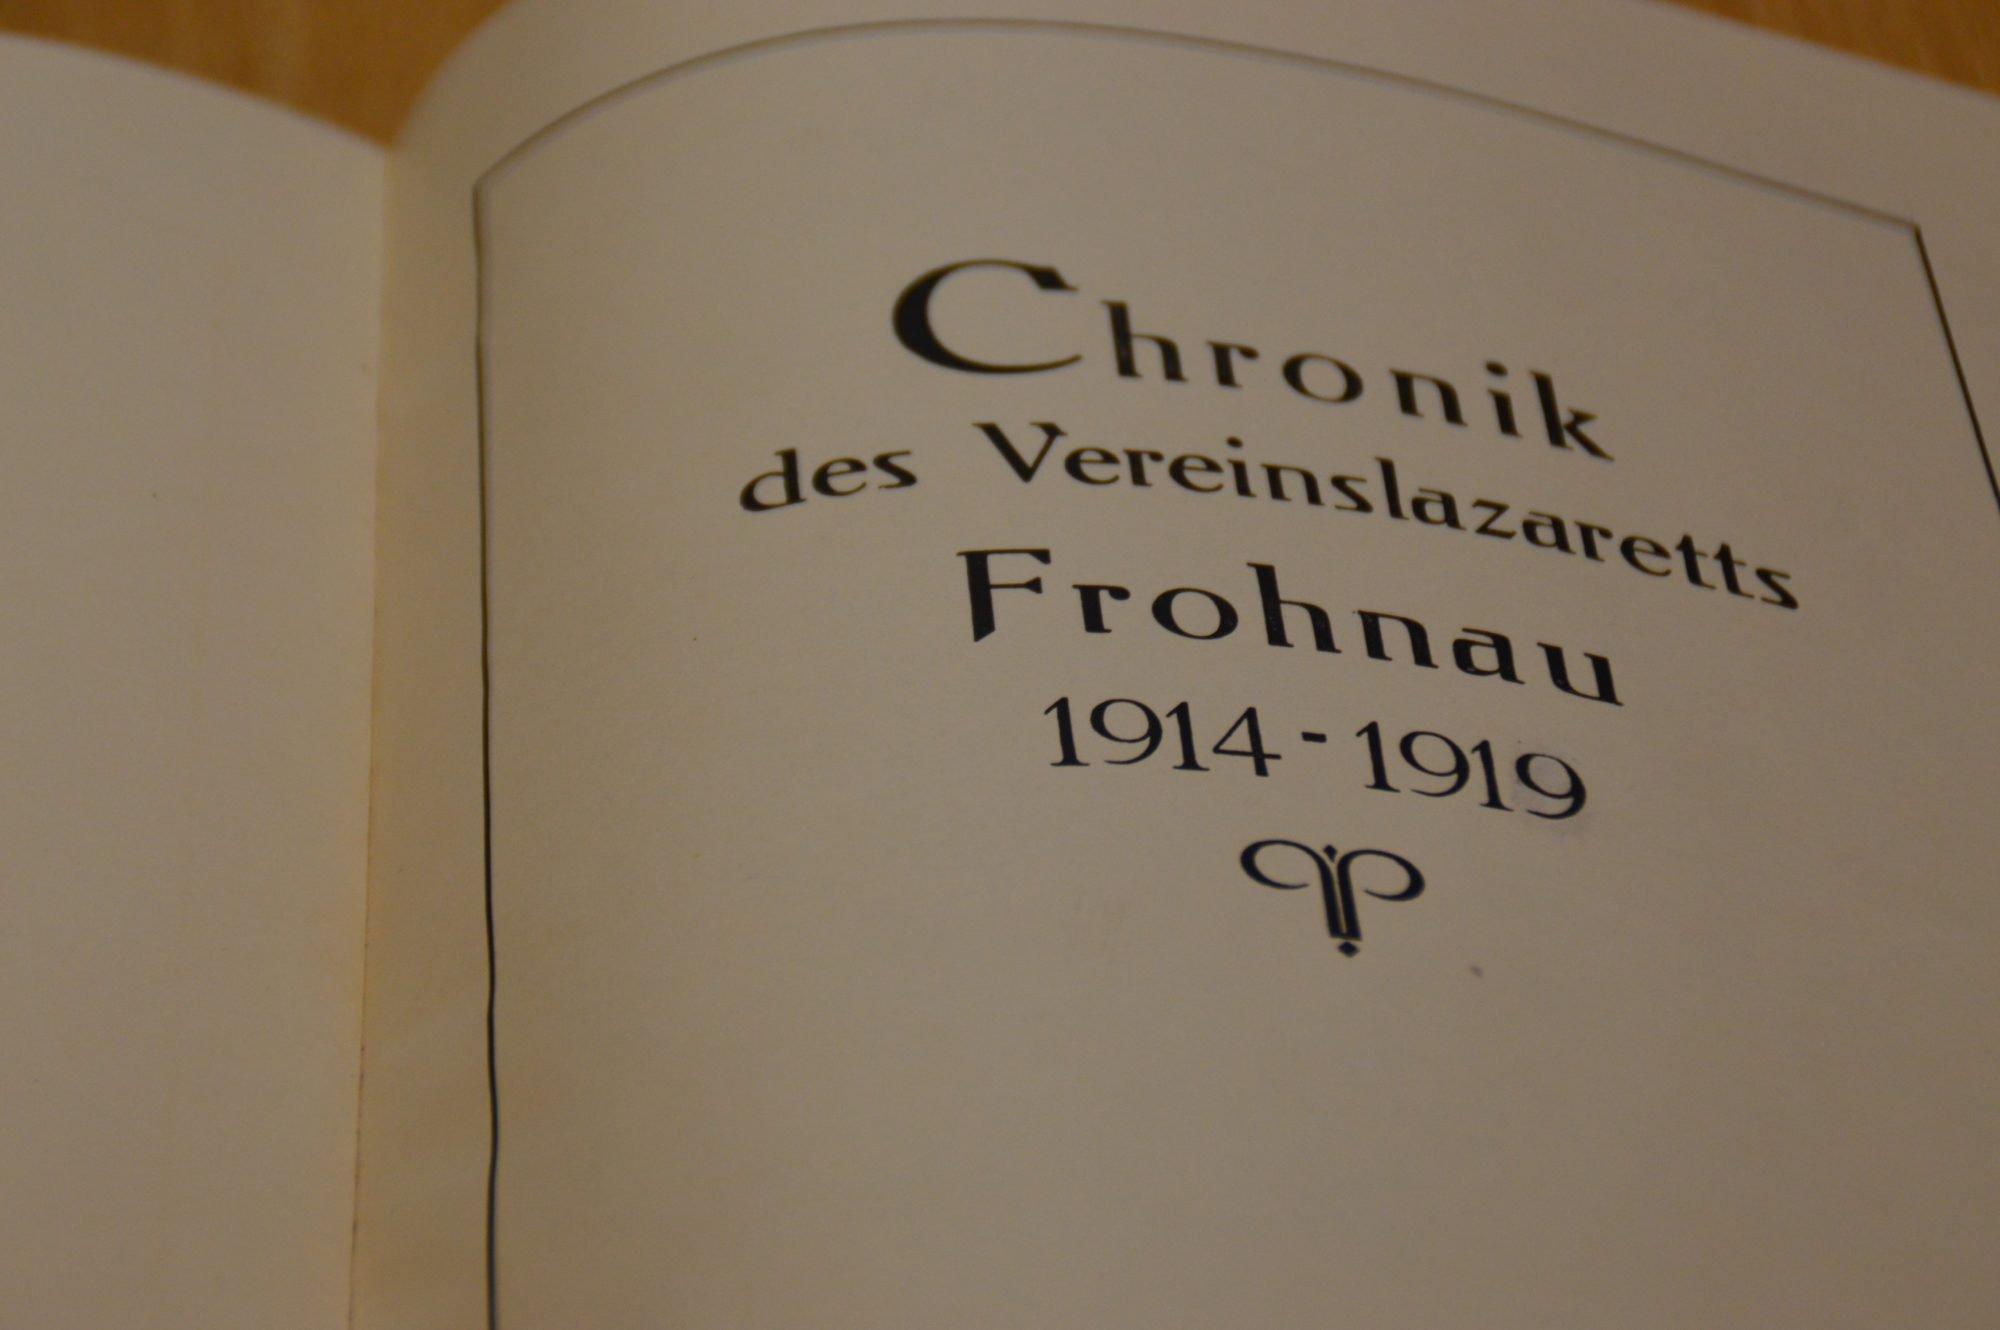 """Aufgeschlagene Seite des Buches. In alter Schrift sieht man die Überschrift """"Chronik des VEreinslazaretts Frohnau 1914 -1919"""""""